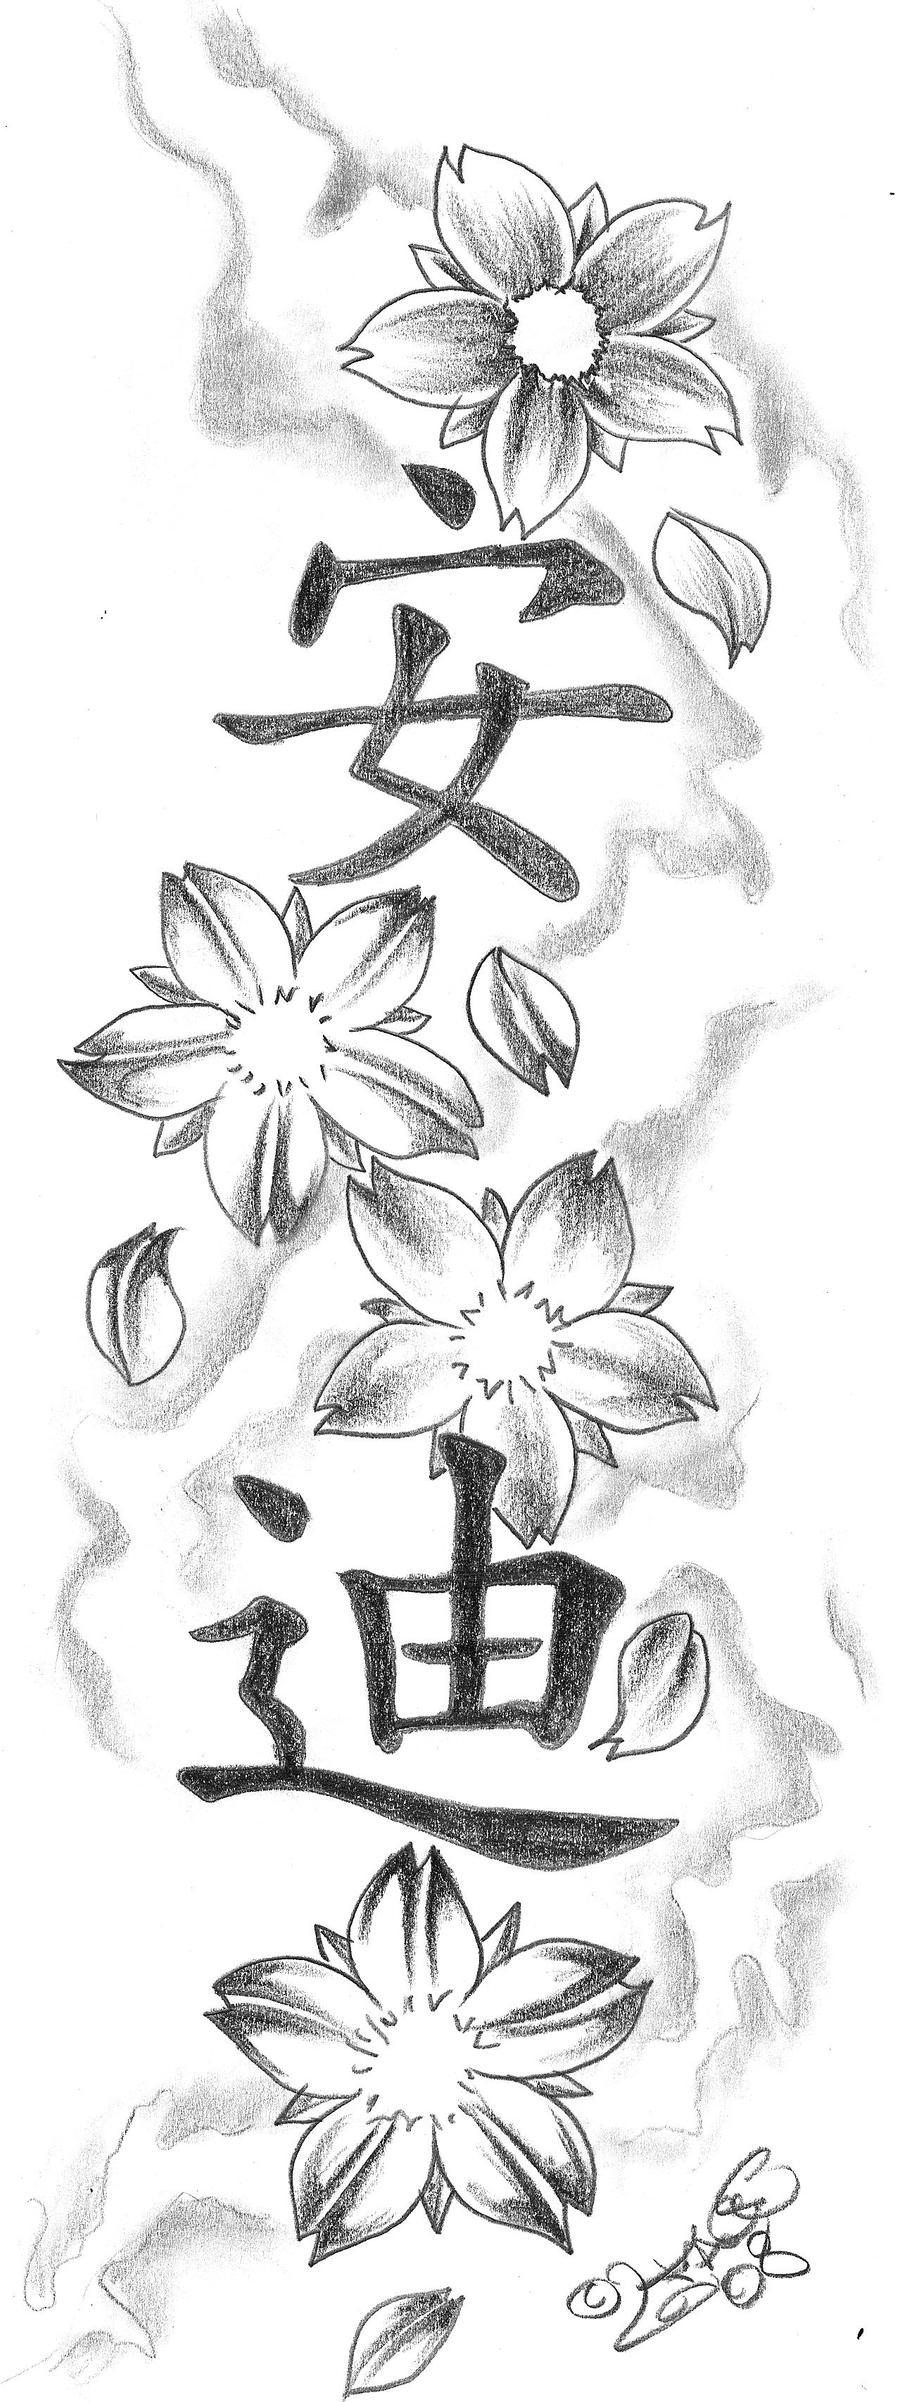 Blossom kanji Tattoo Design